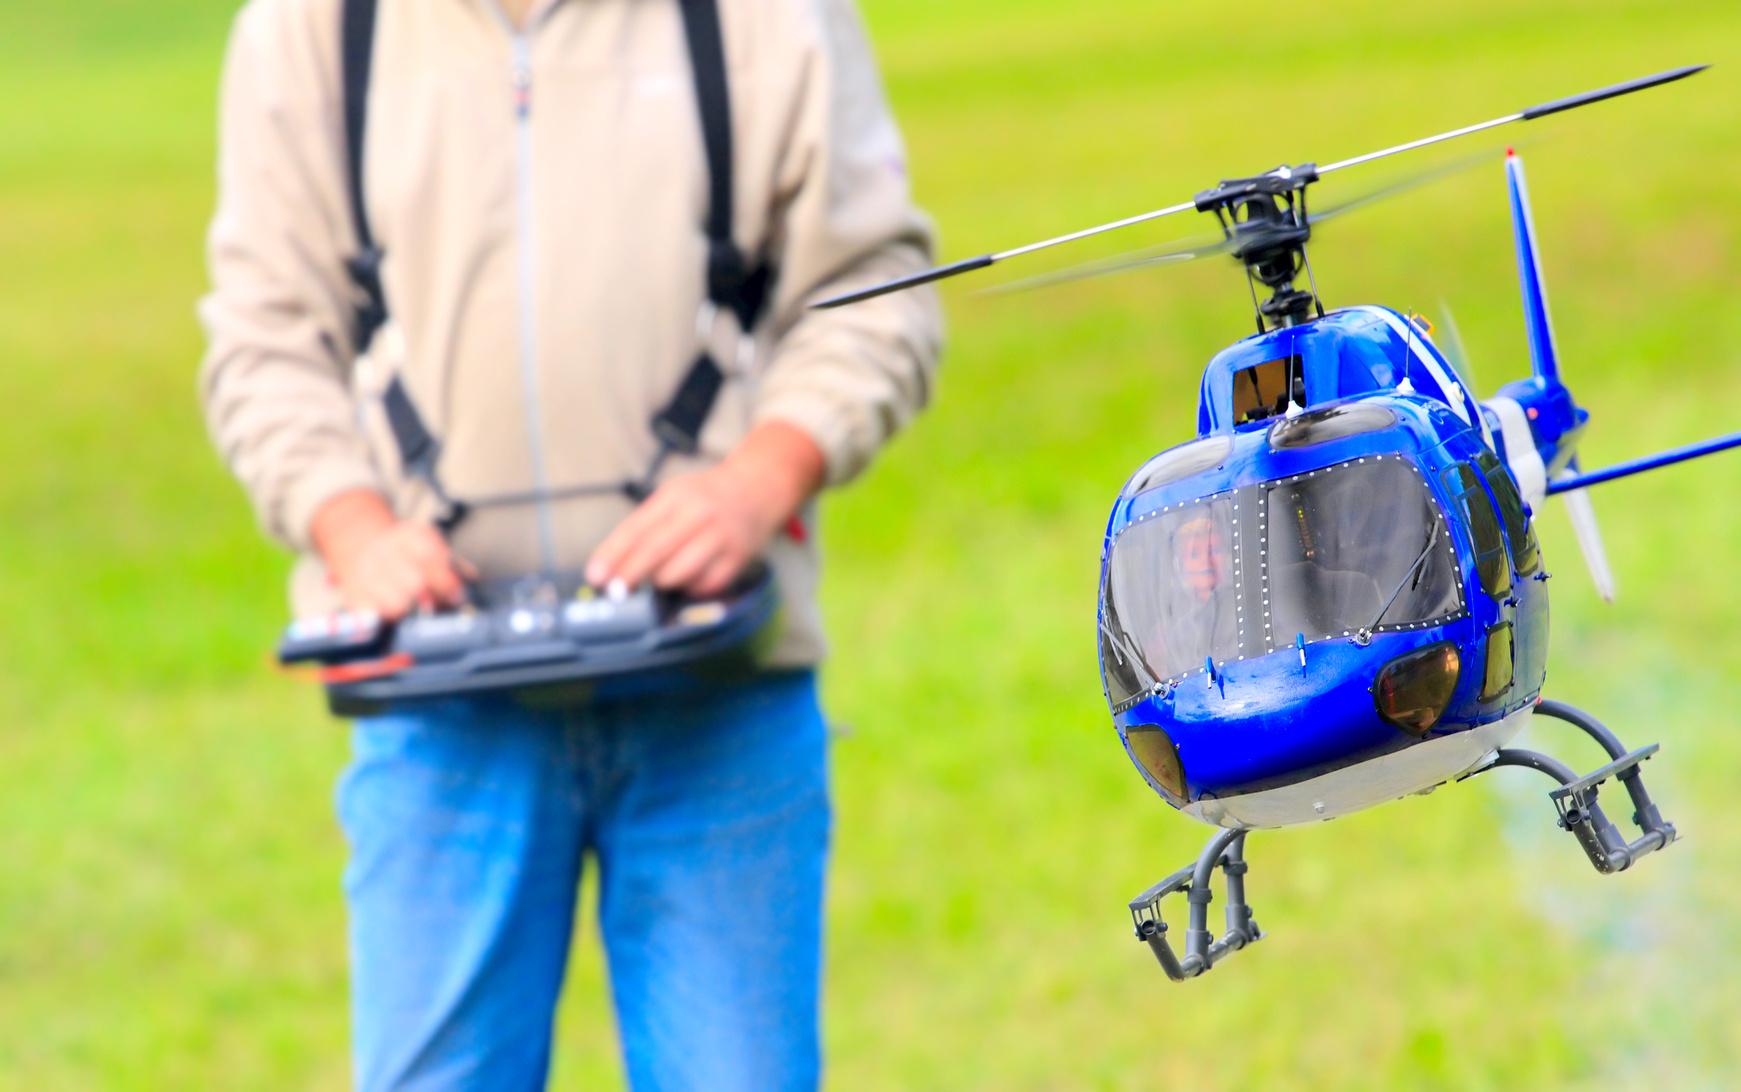 Подарки для мальчиков радиоуправляемый вертолет